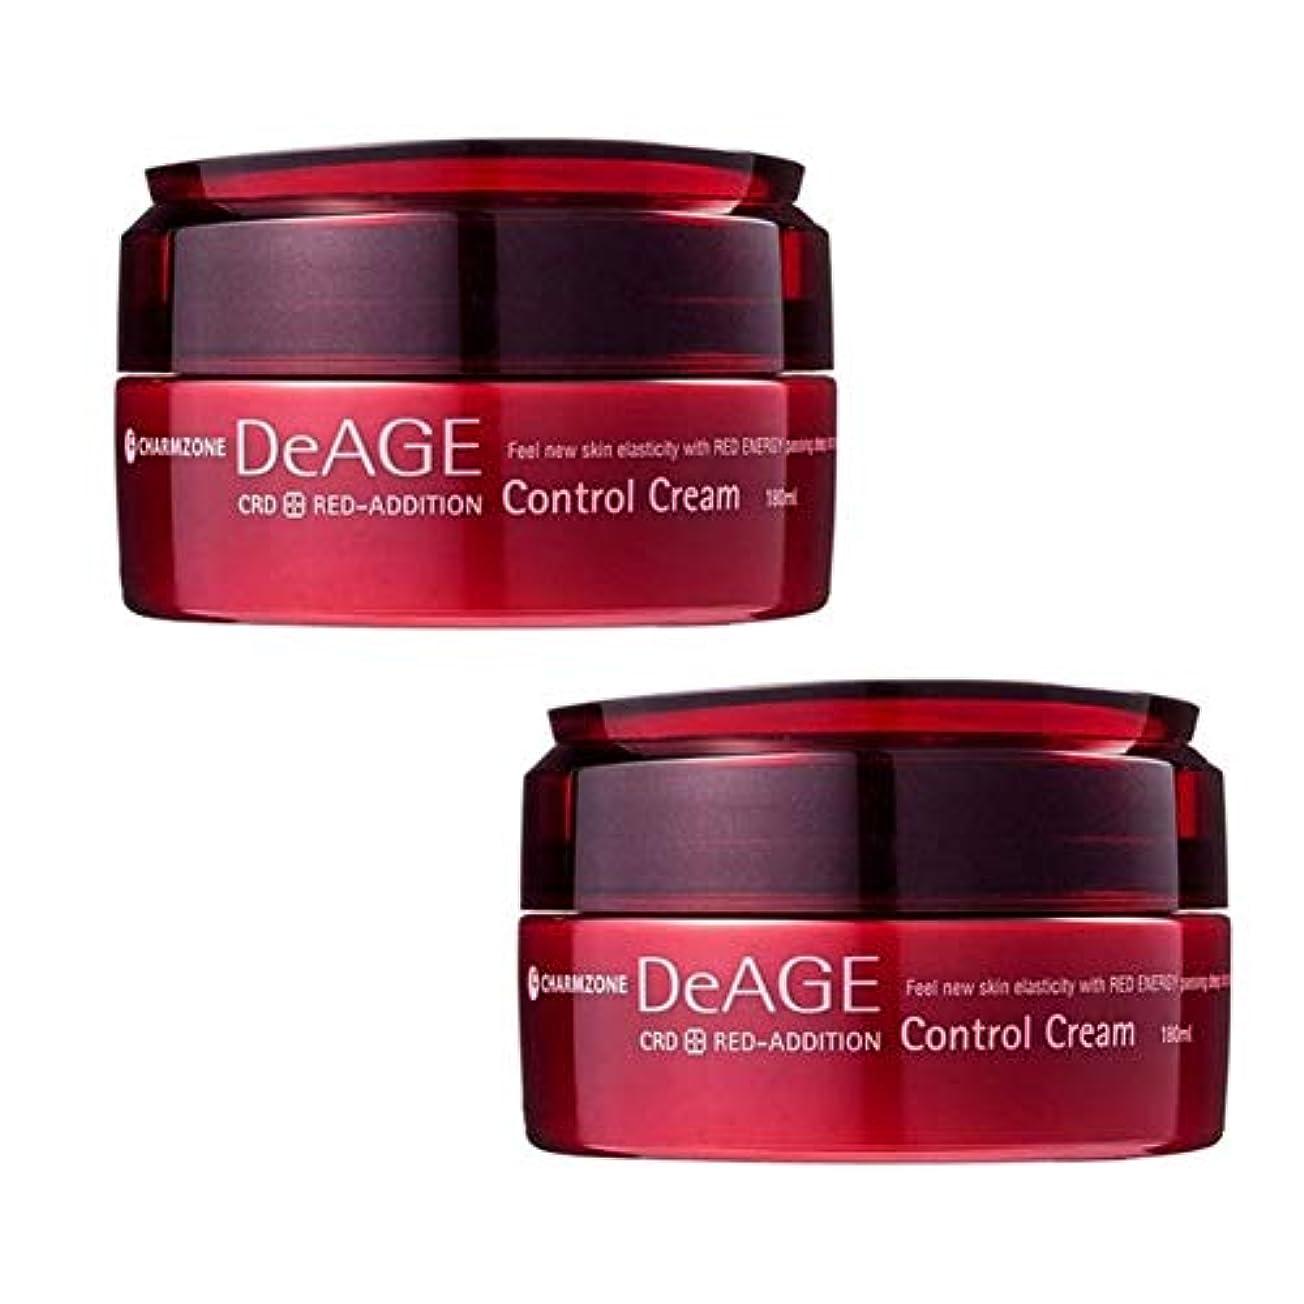 疼痛安定した推進力チャムジョンディエイジレッドエディションコントロールクリーム180ml x 2本セットマッサージクリーム、Charmzone DeAGE Red-Addition Control Cream 180ml x 2ea Set...